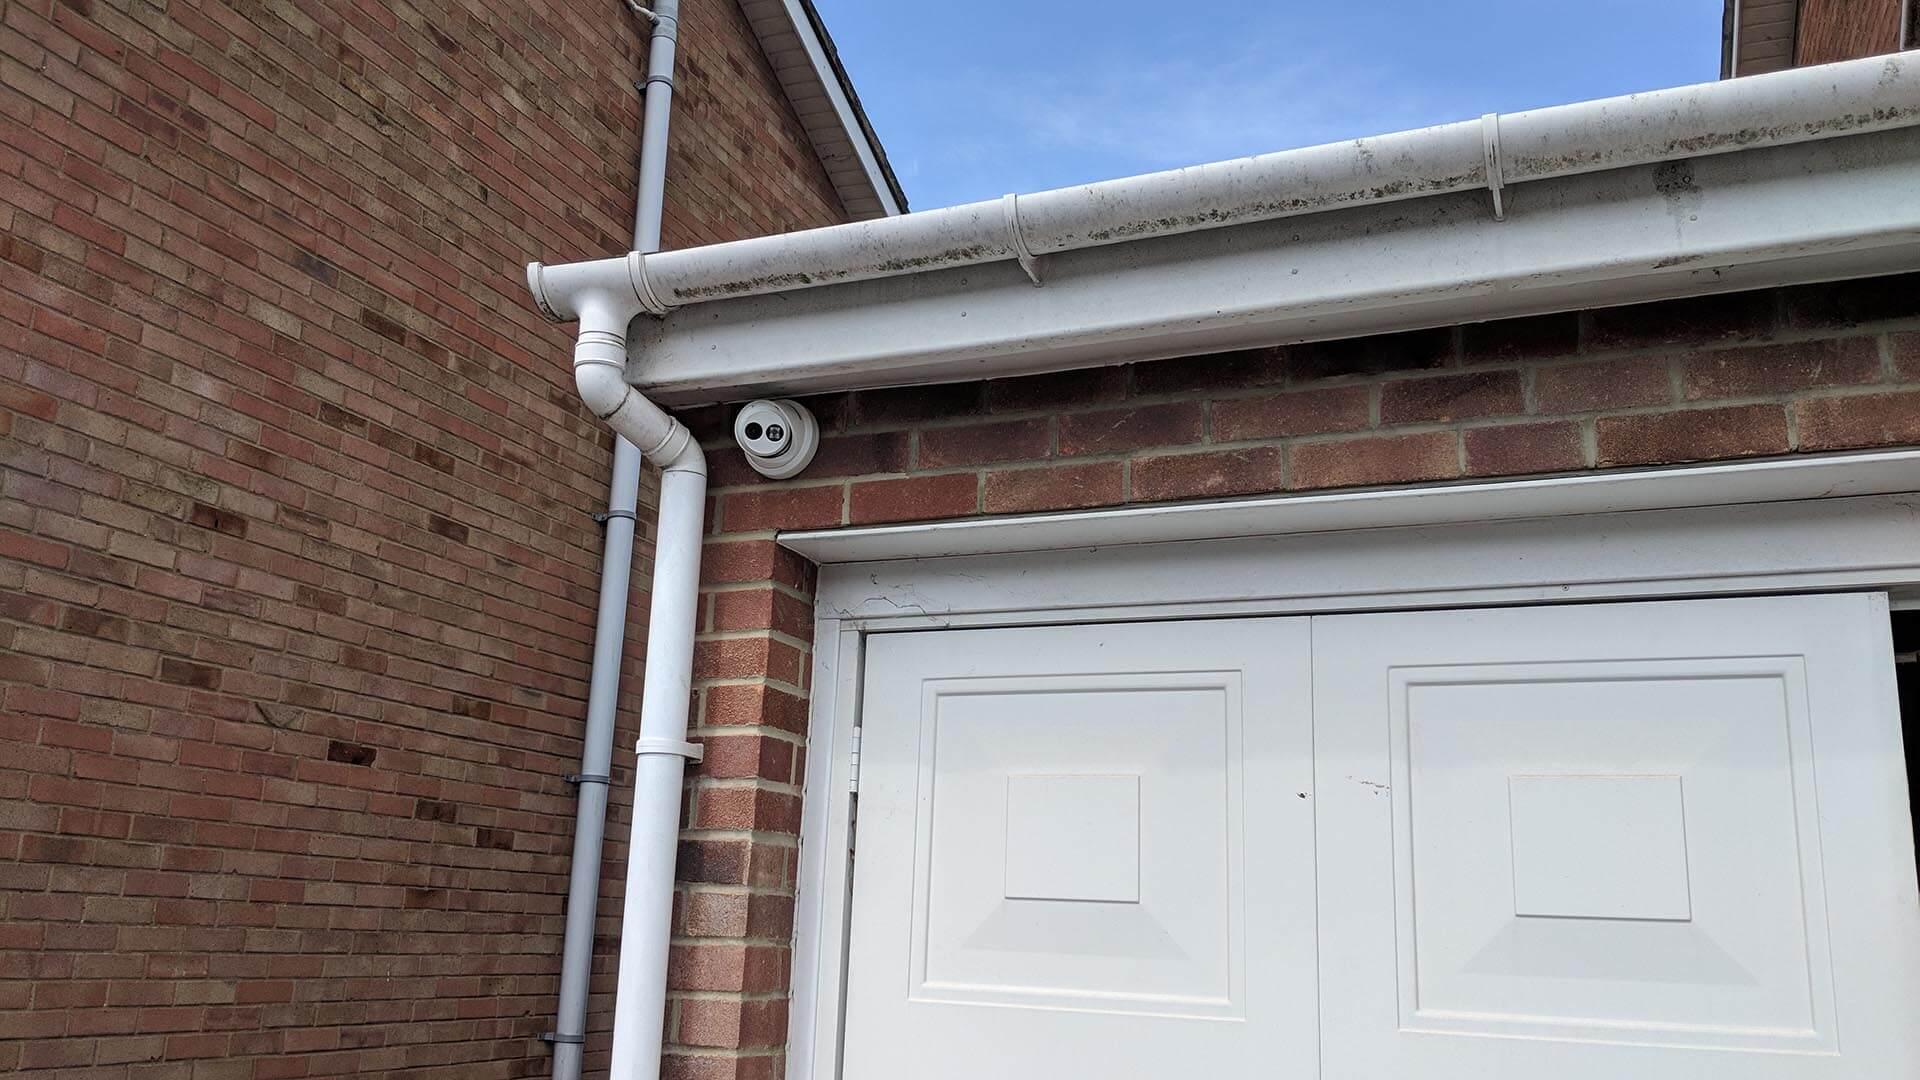 CCTV Installation in Wickford